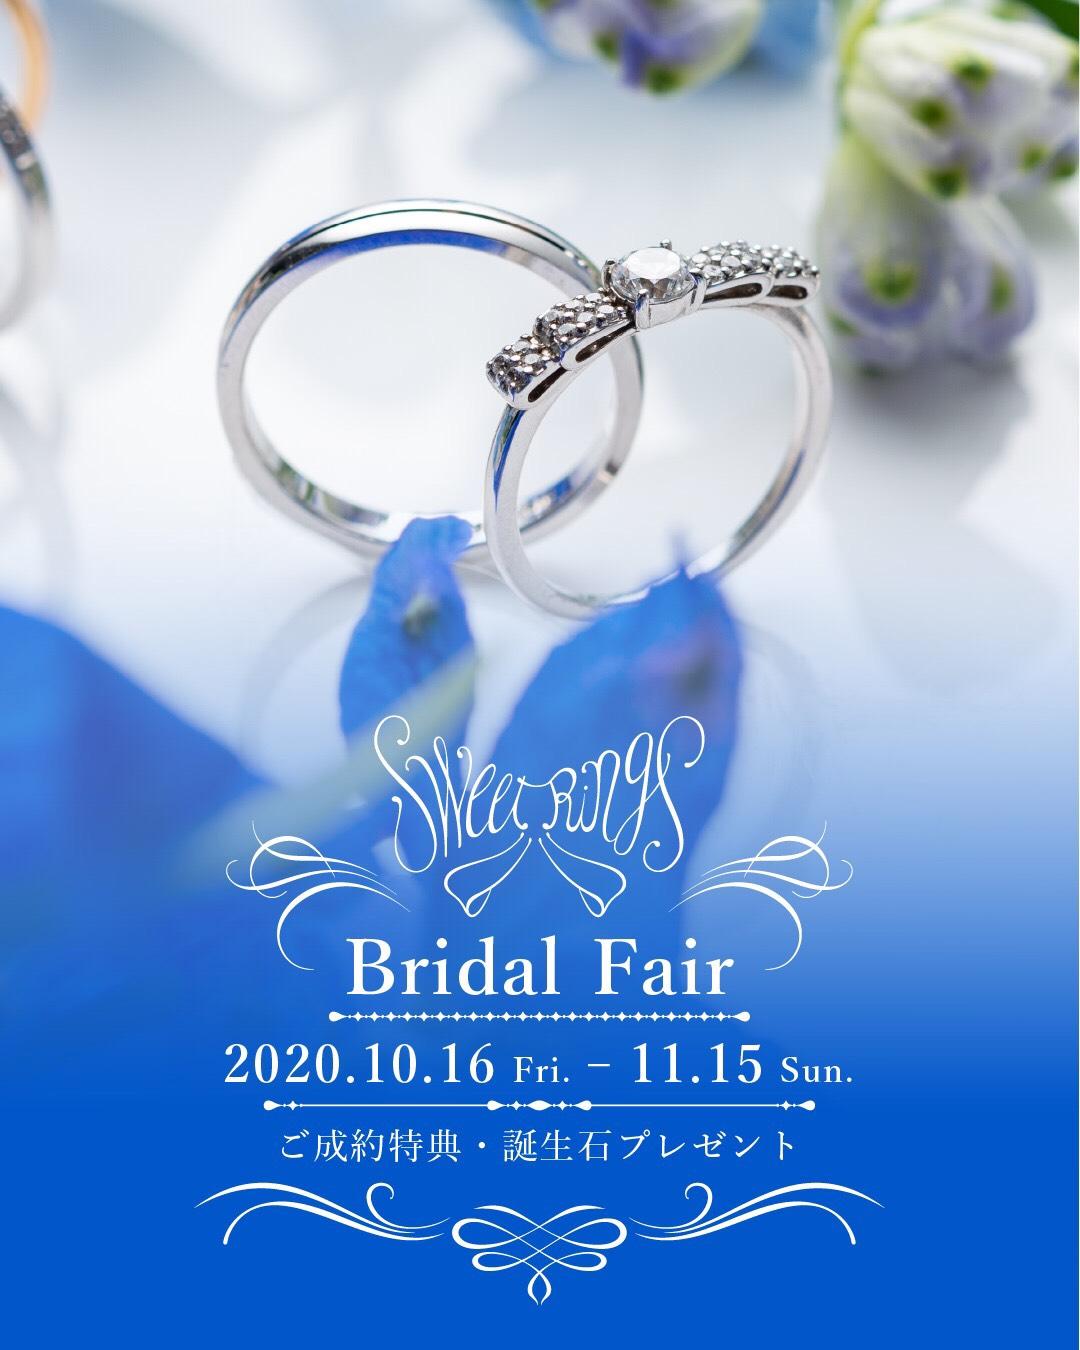 【Sweet Rings】Bridal Fair